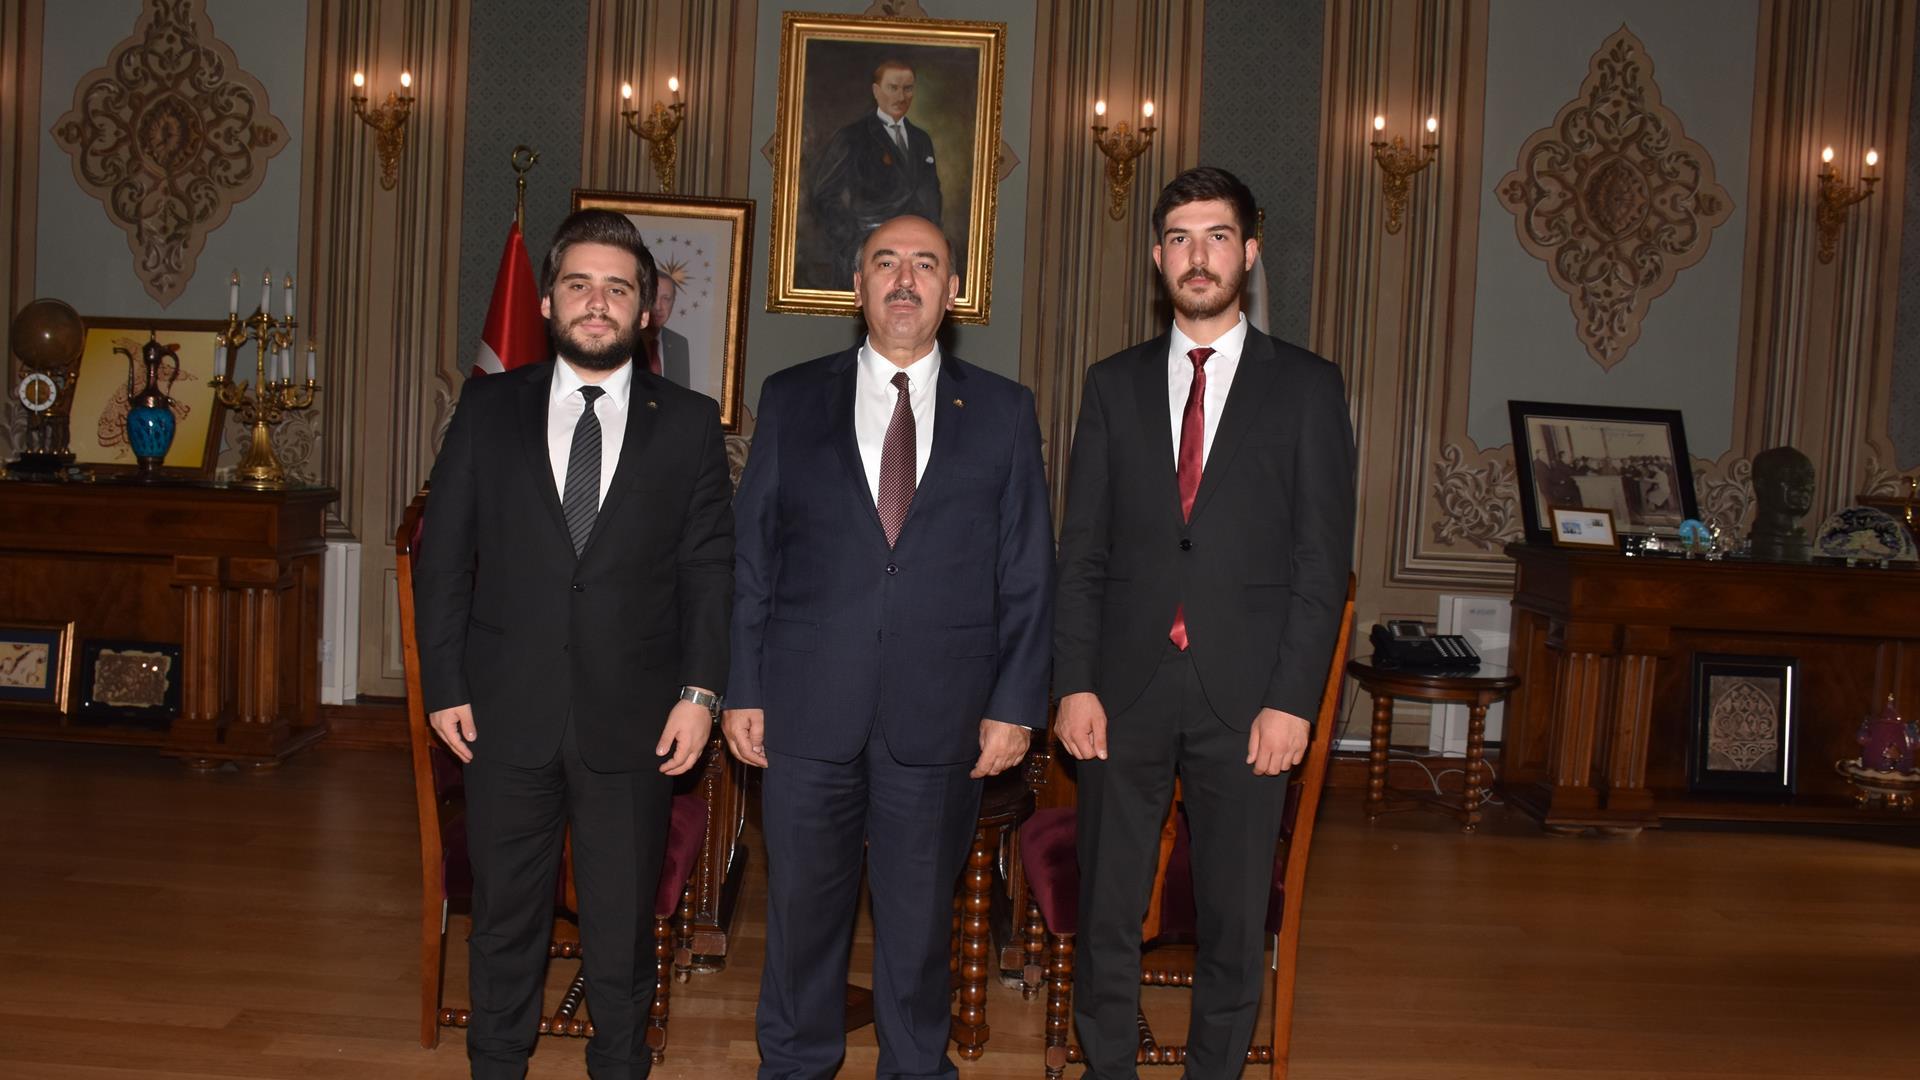 Öğrenci-Konseyi Emir-Alp-Turgut İstanbul-Üniversitesi Mahmut-Ak Kürşat-Mücahit-Topçugil Ziyaret